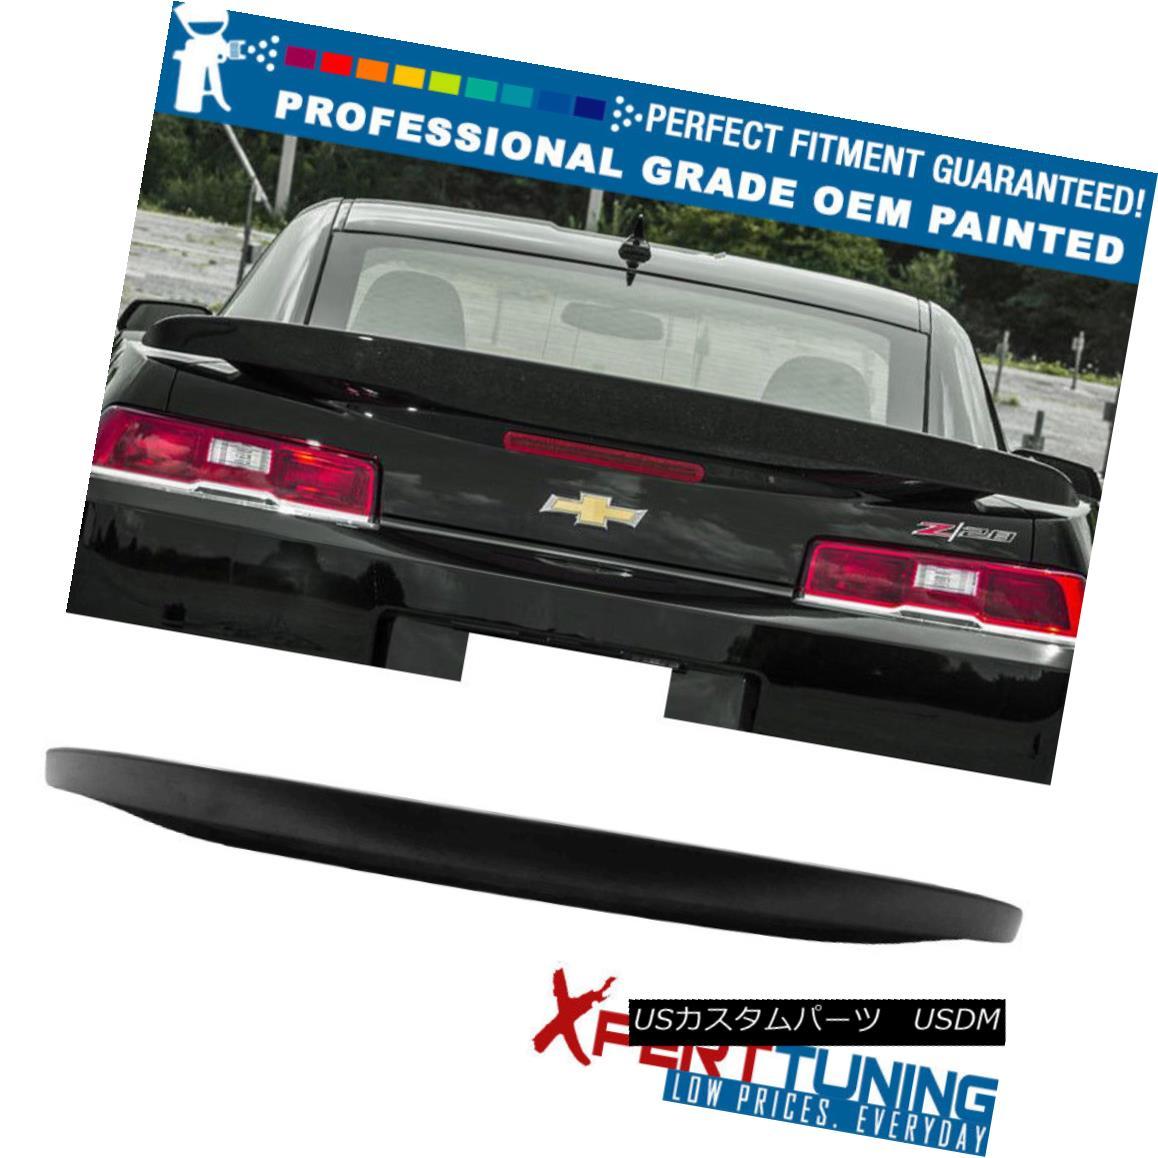 エアロパーツ 14 15 Chevy Camaro Factory Z28 Style Rear Wing Trunk Spoiler Painted OEM Color 14 15シボレーカマロ工場Z28スタイル後部翼トランクスポイラー塗装OEMカラー